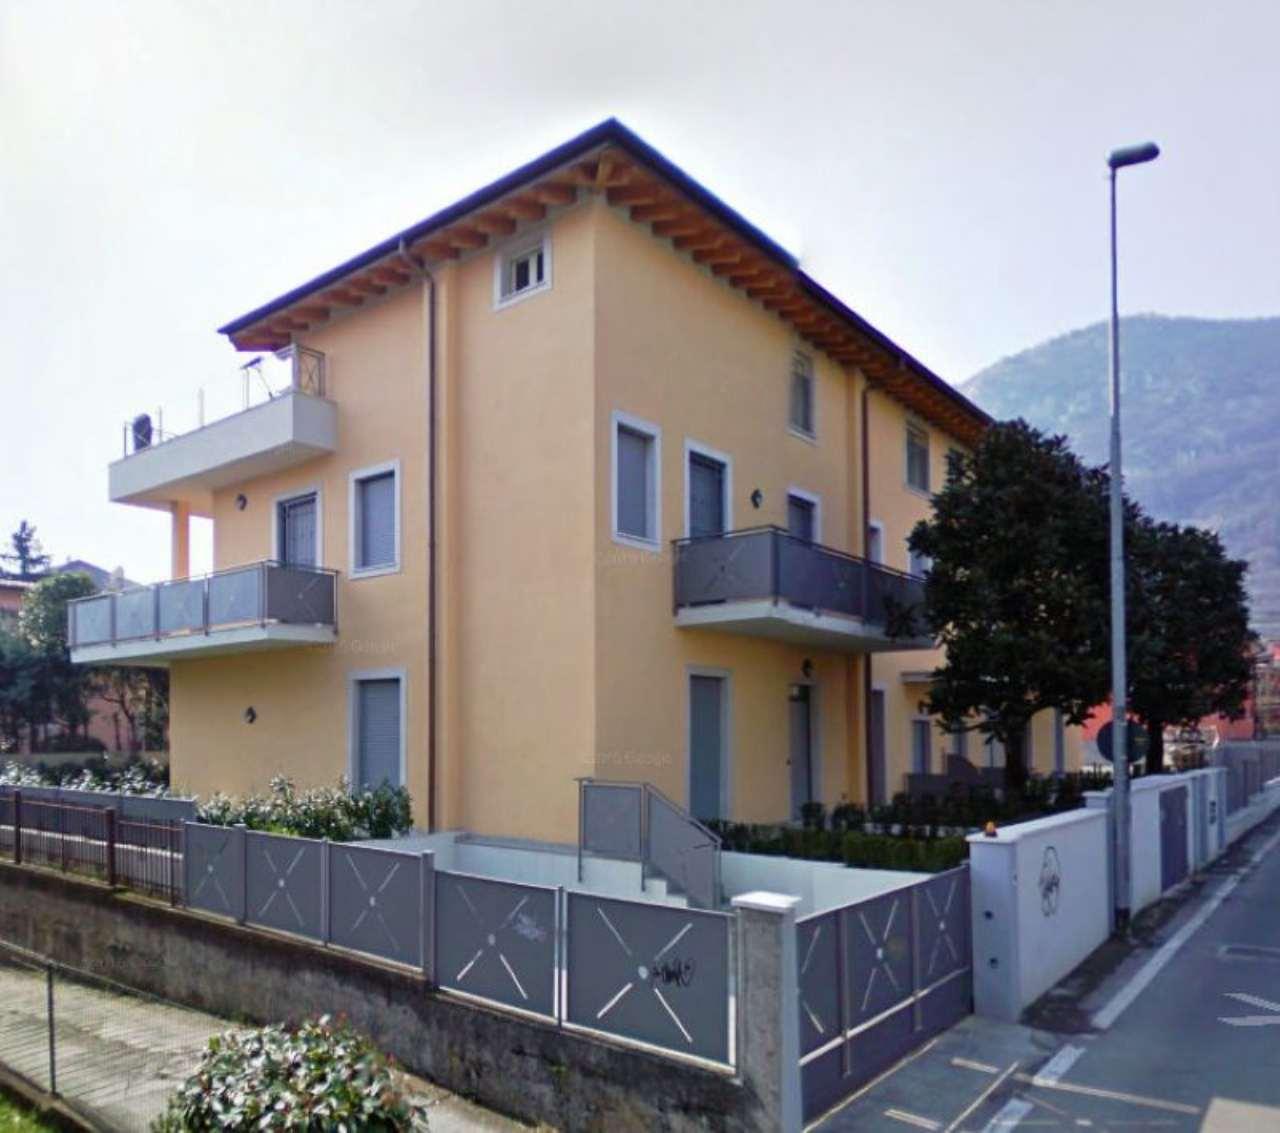 Attico / Mansarda in vendita a Botticino, 4 locali, prezzo € 420.000 | CambioCasa.it